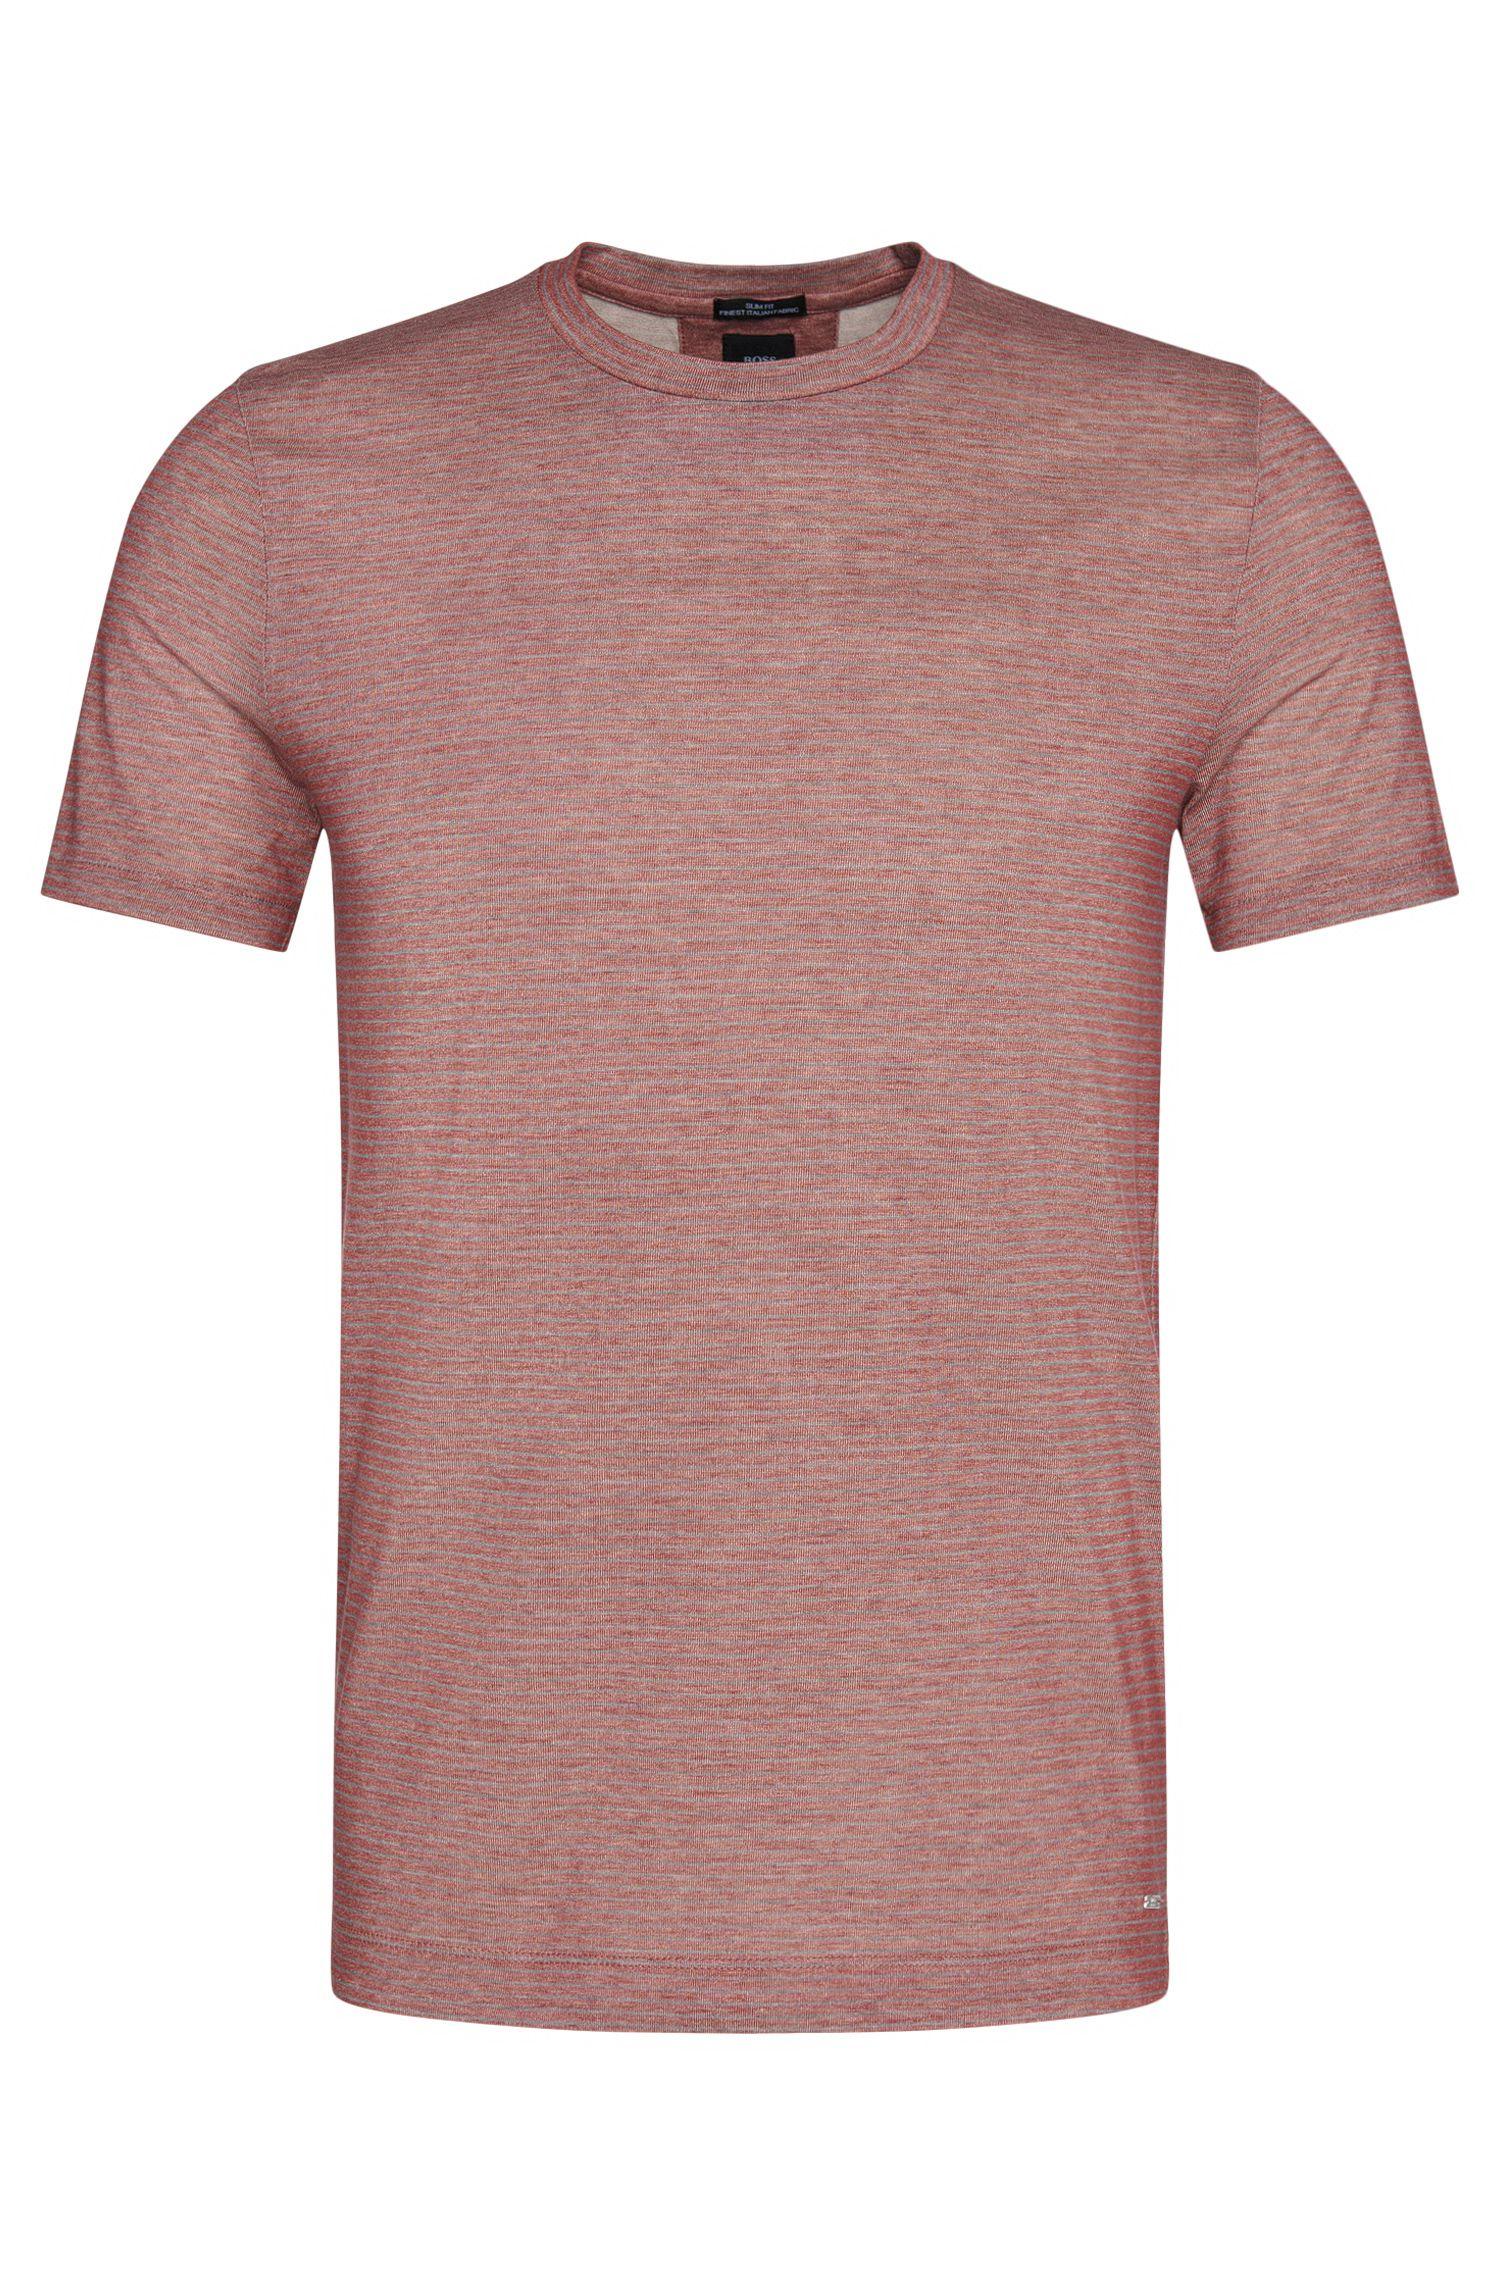 'T-Tribel' | Italian Cotton Striped T-Shirt